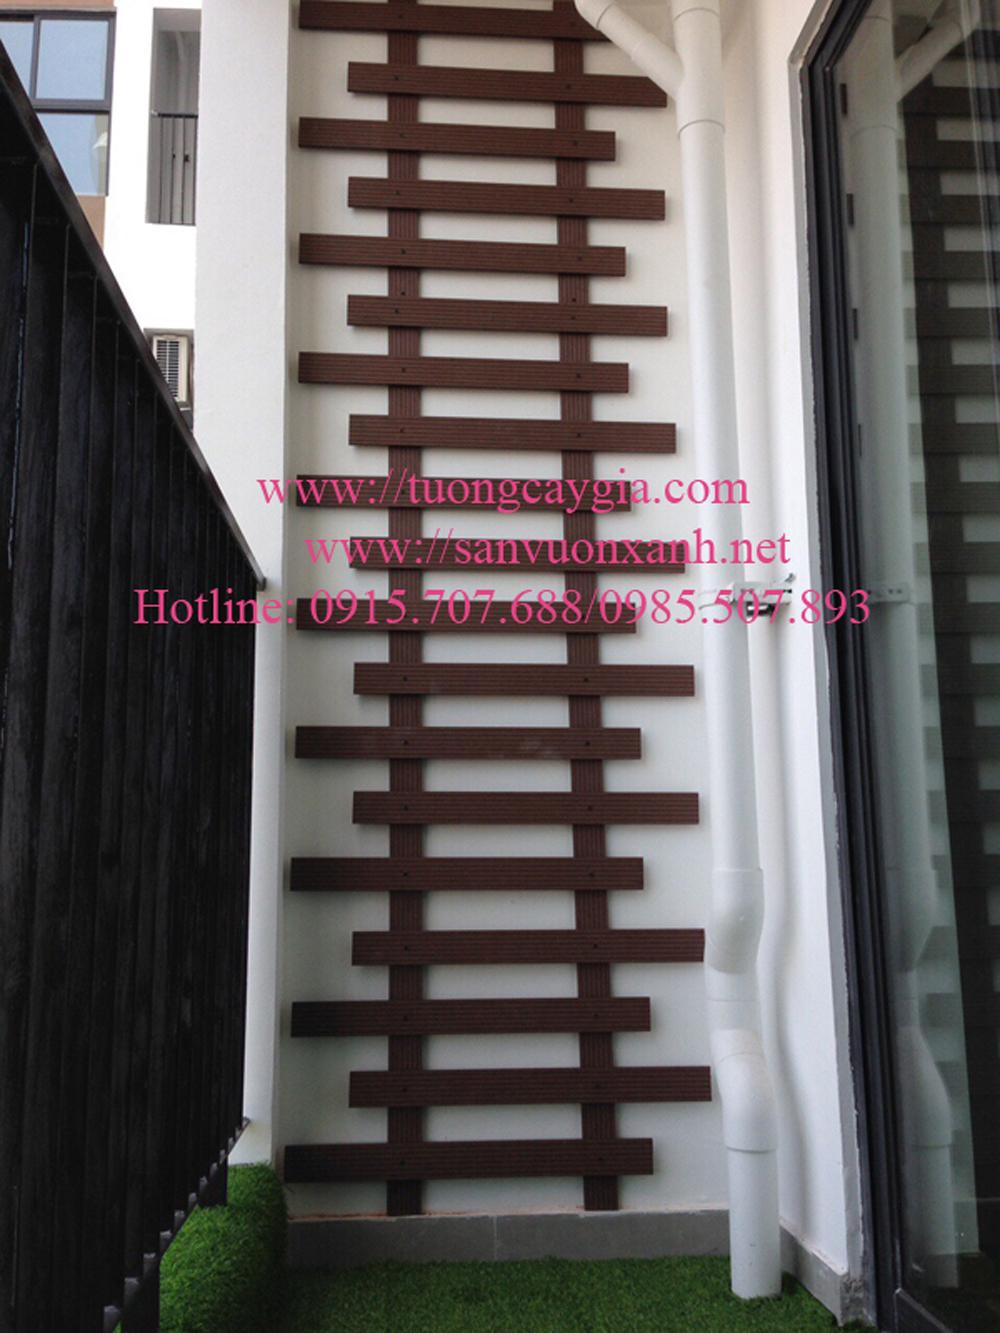 Trang trí ban công gỗ nhựa